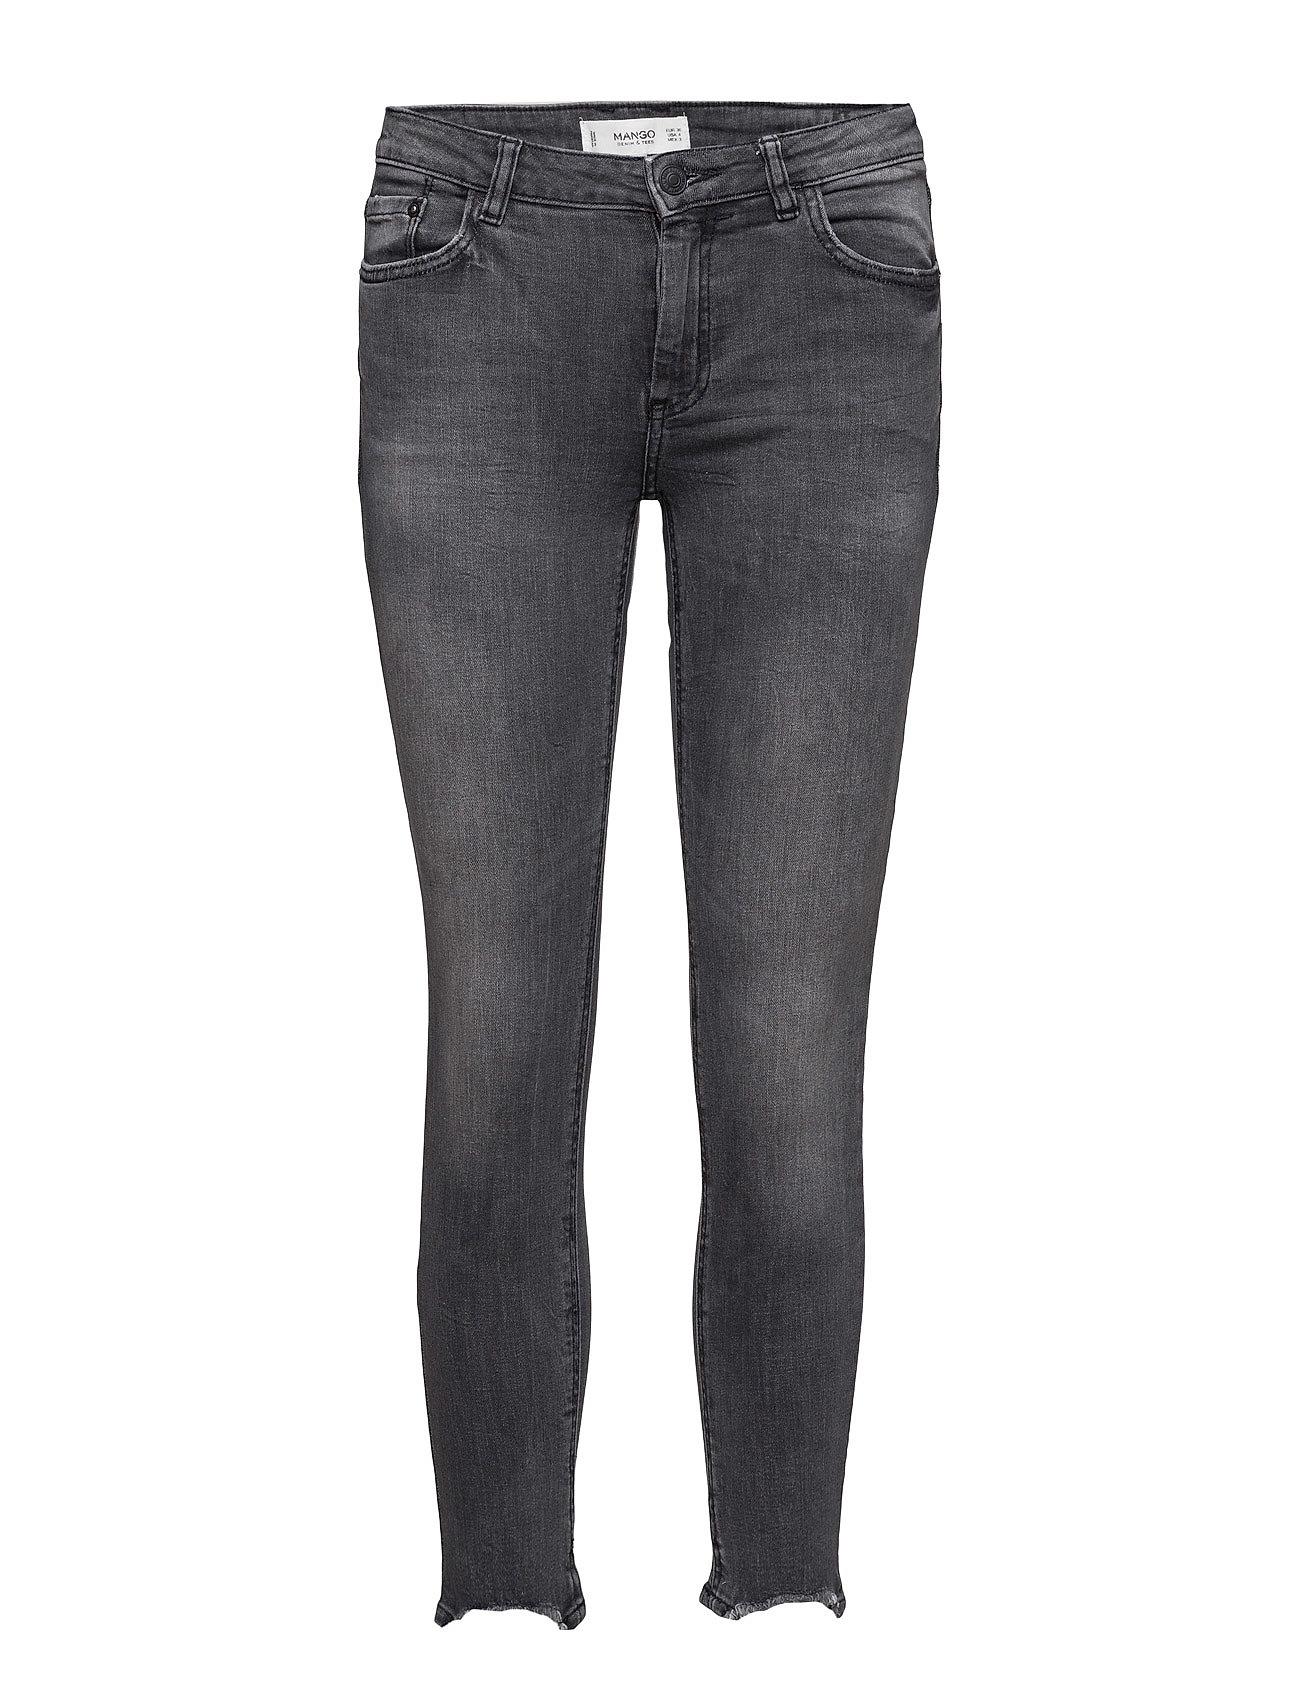 Crop Skinny Isa Jeans Mango Jeans til Kvinder i Open Grey